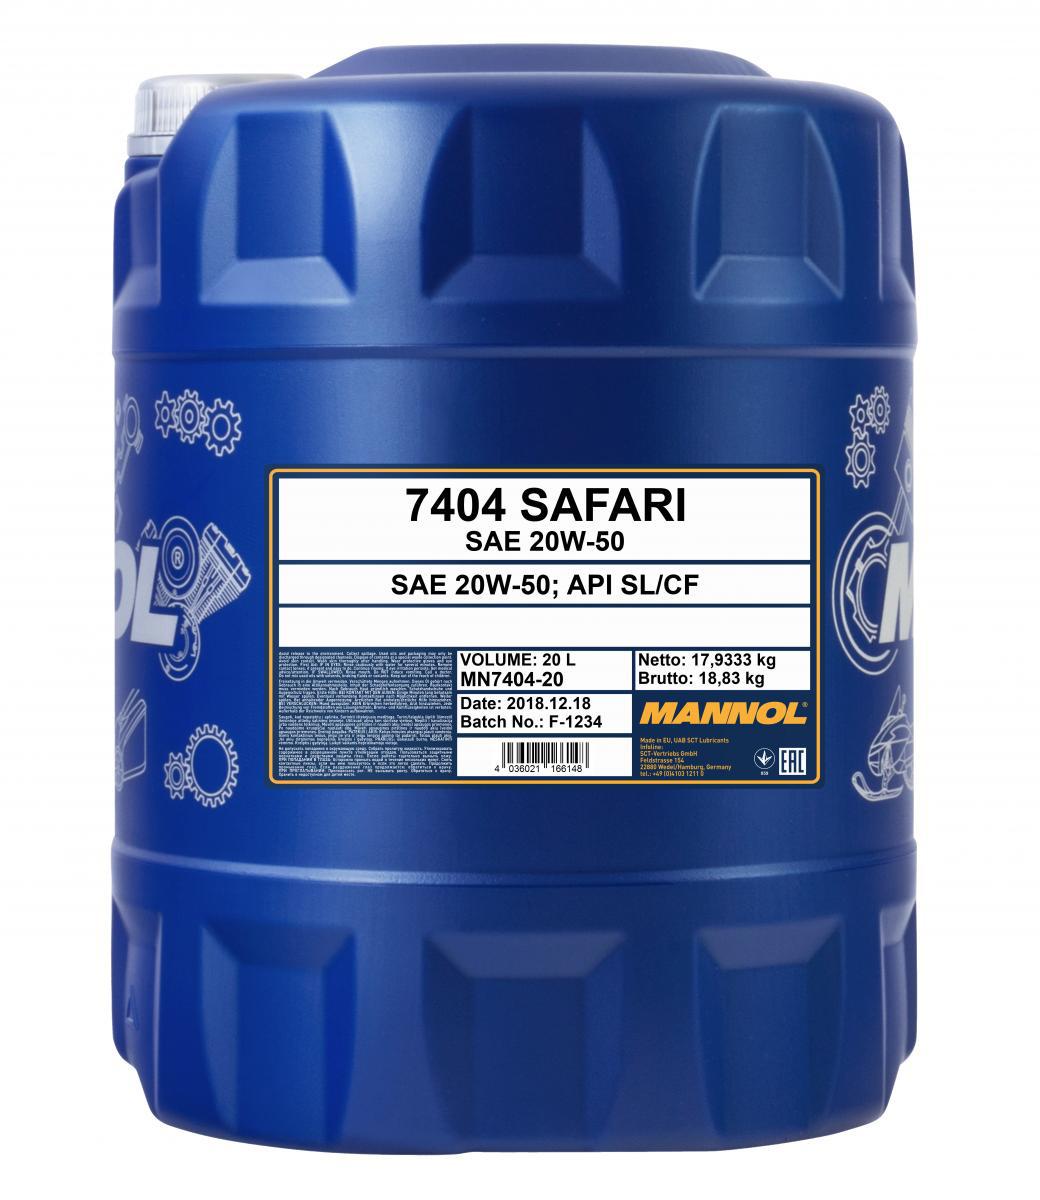 Safari 20W-50